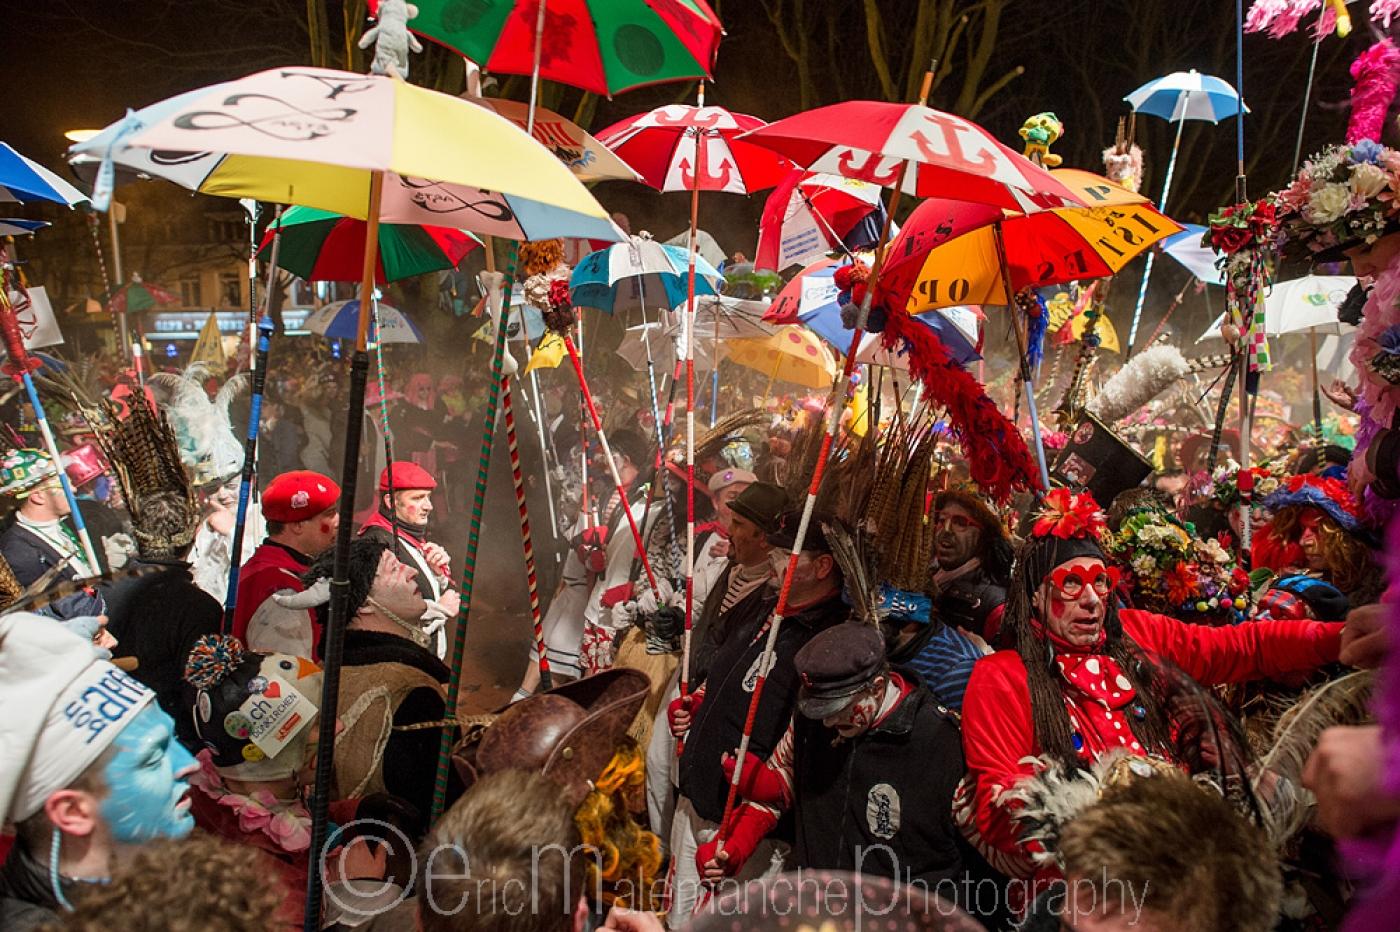 http://www.ericmalemanche.com/imagess/topics/carnaval-de-dunkerque/liste/Carnaval-Dunkerque-6595.jpg